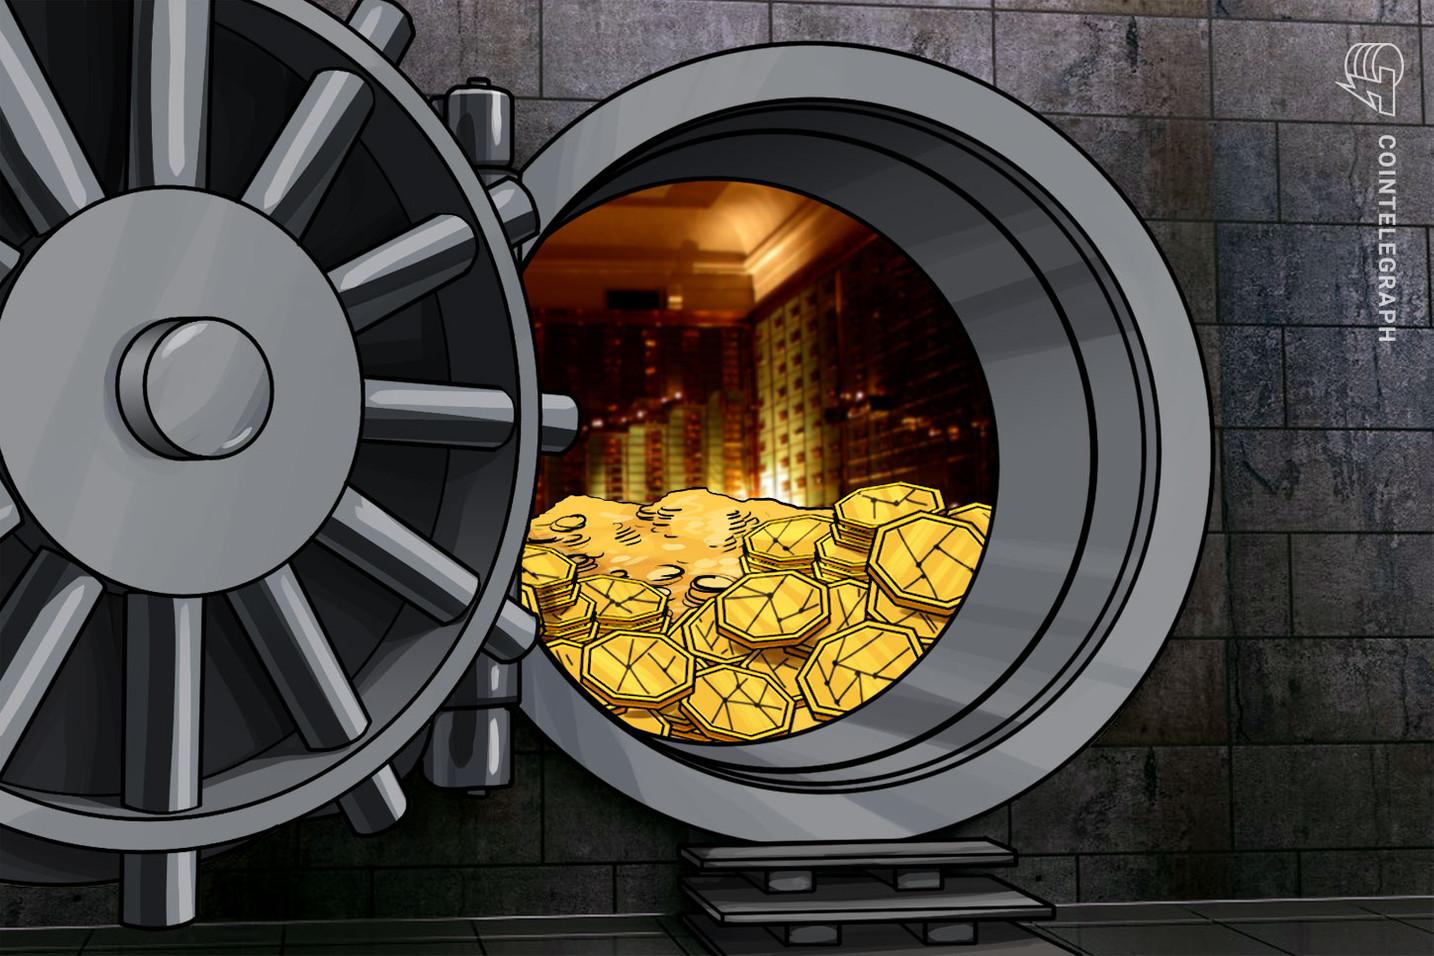 حجم العملات المشفرة يتضاعف في بورصة جيميني منذ يناير، ليصل إلى ٢٥ مليار دولار